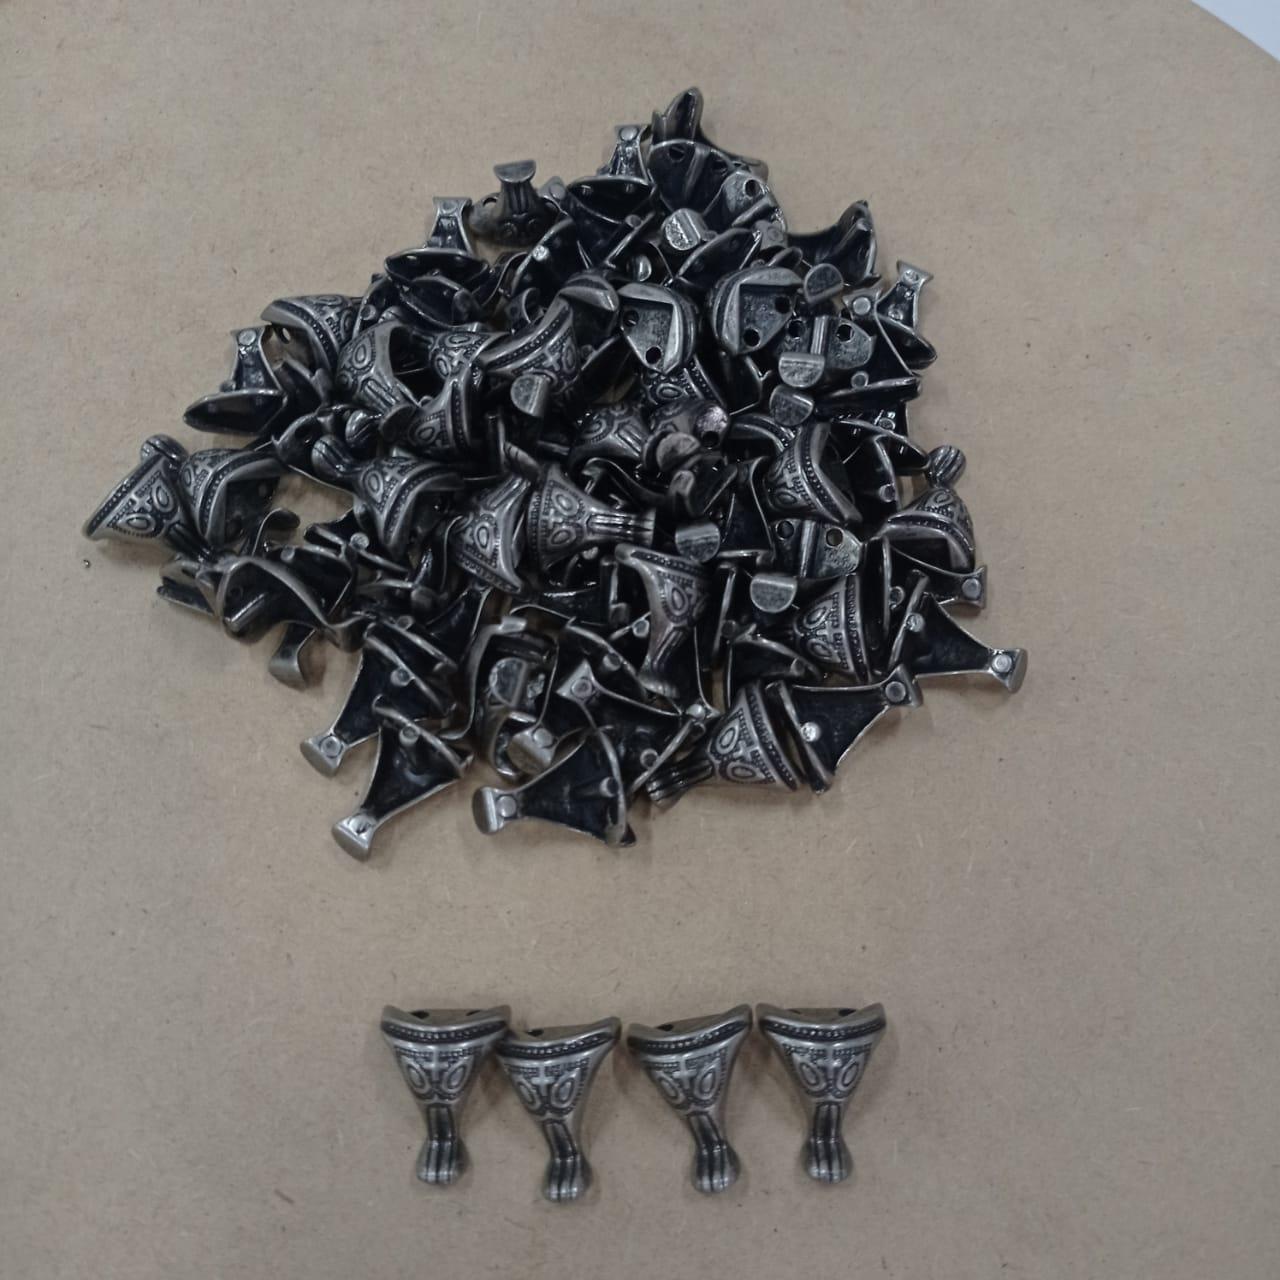 Kit 56 Pezinhos de Metal Tradicional Pequeno  para Caixas em MDF - Prata Velho